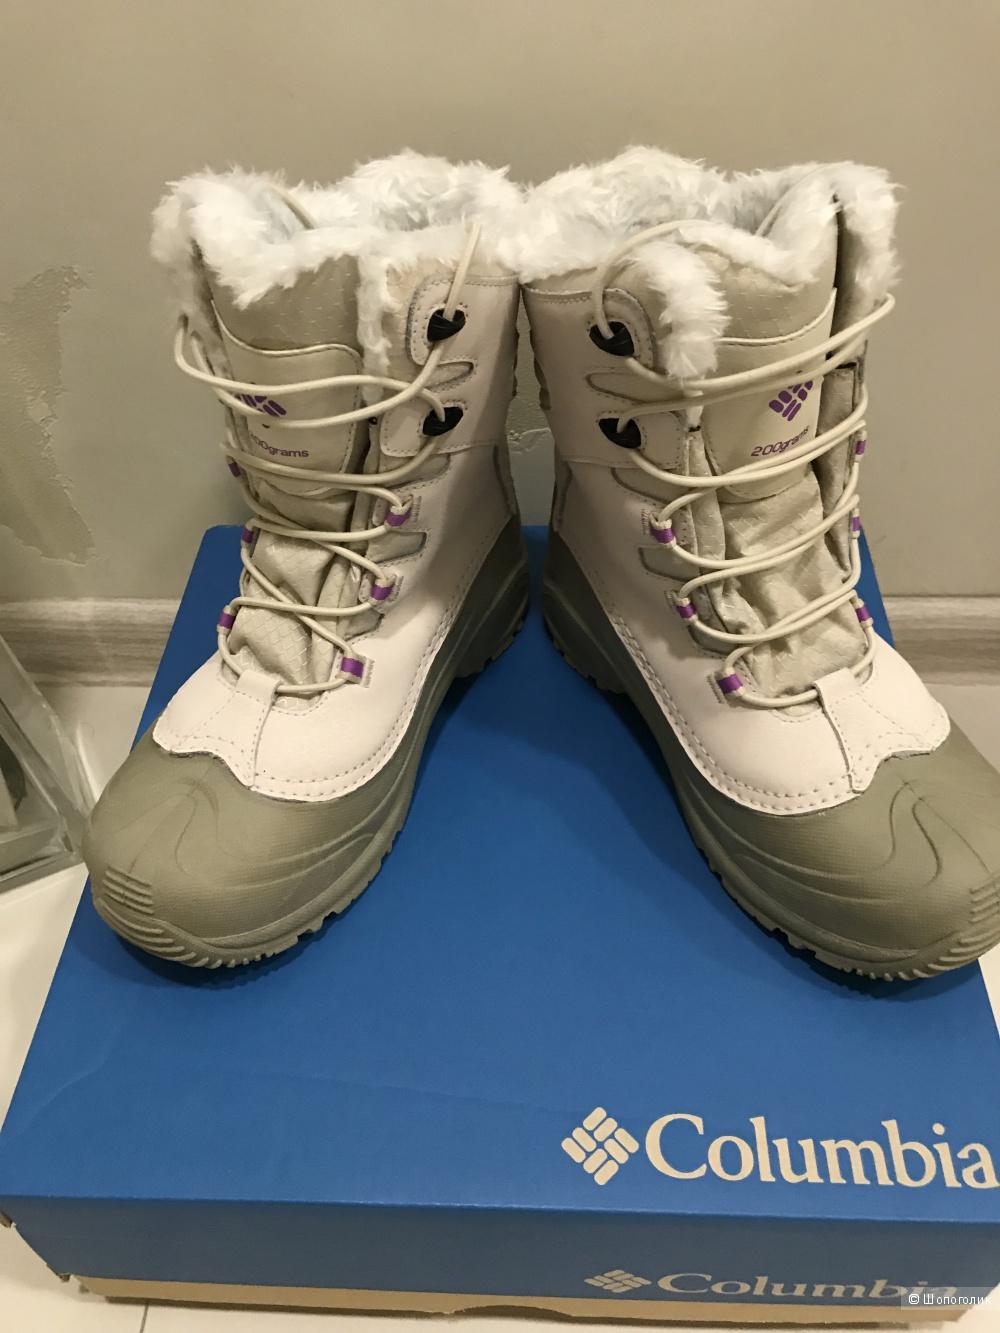 Зимние сапоги Columbia Bugaboot, размер 37